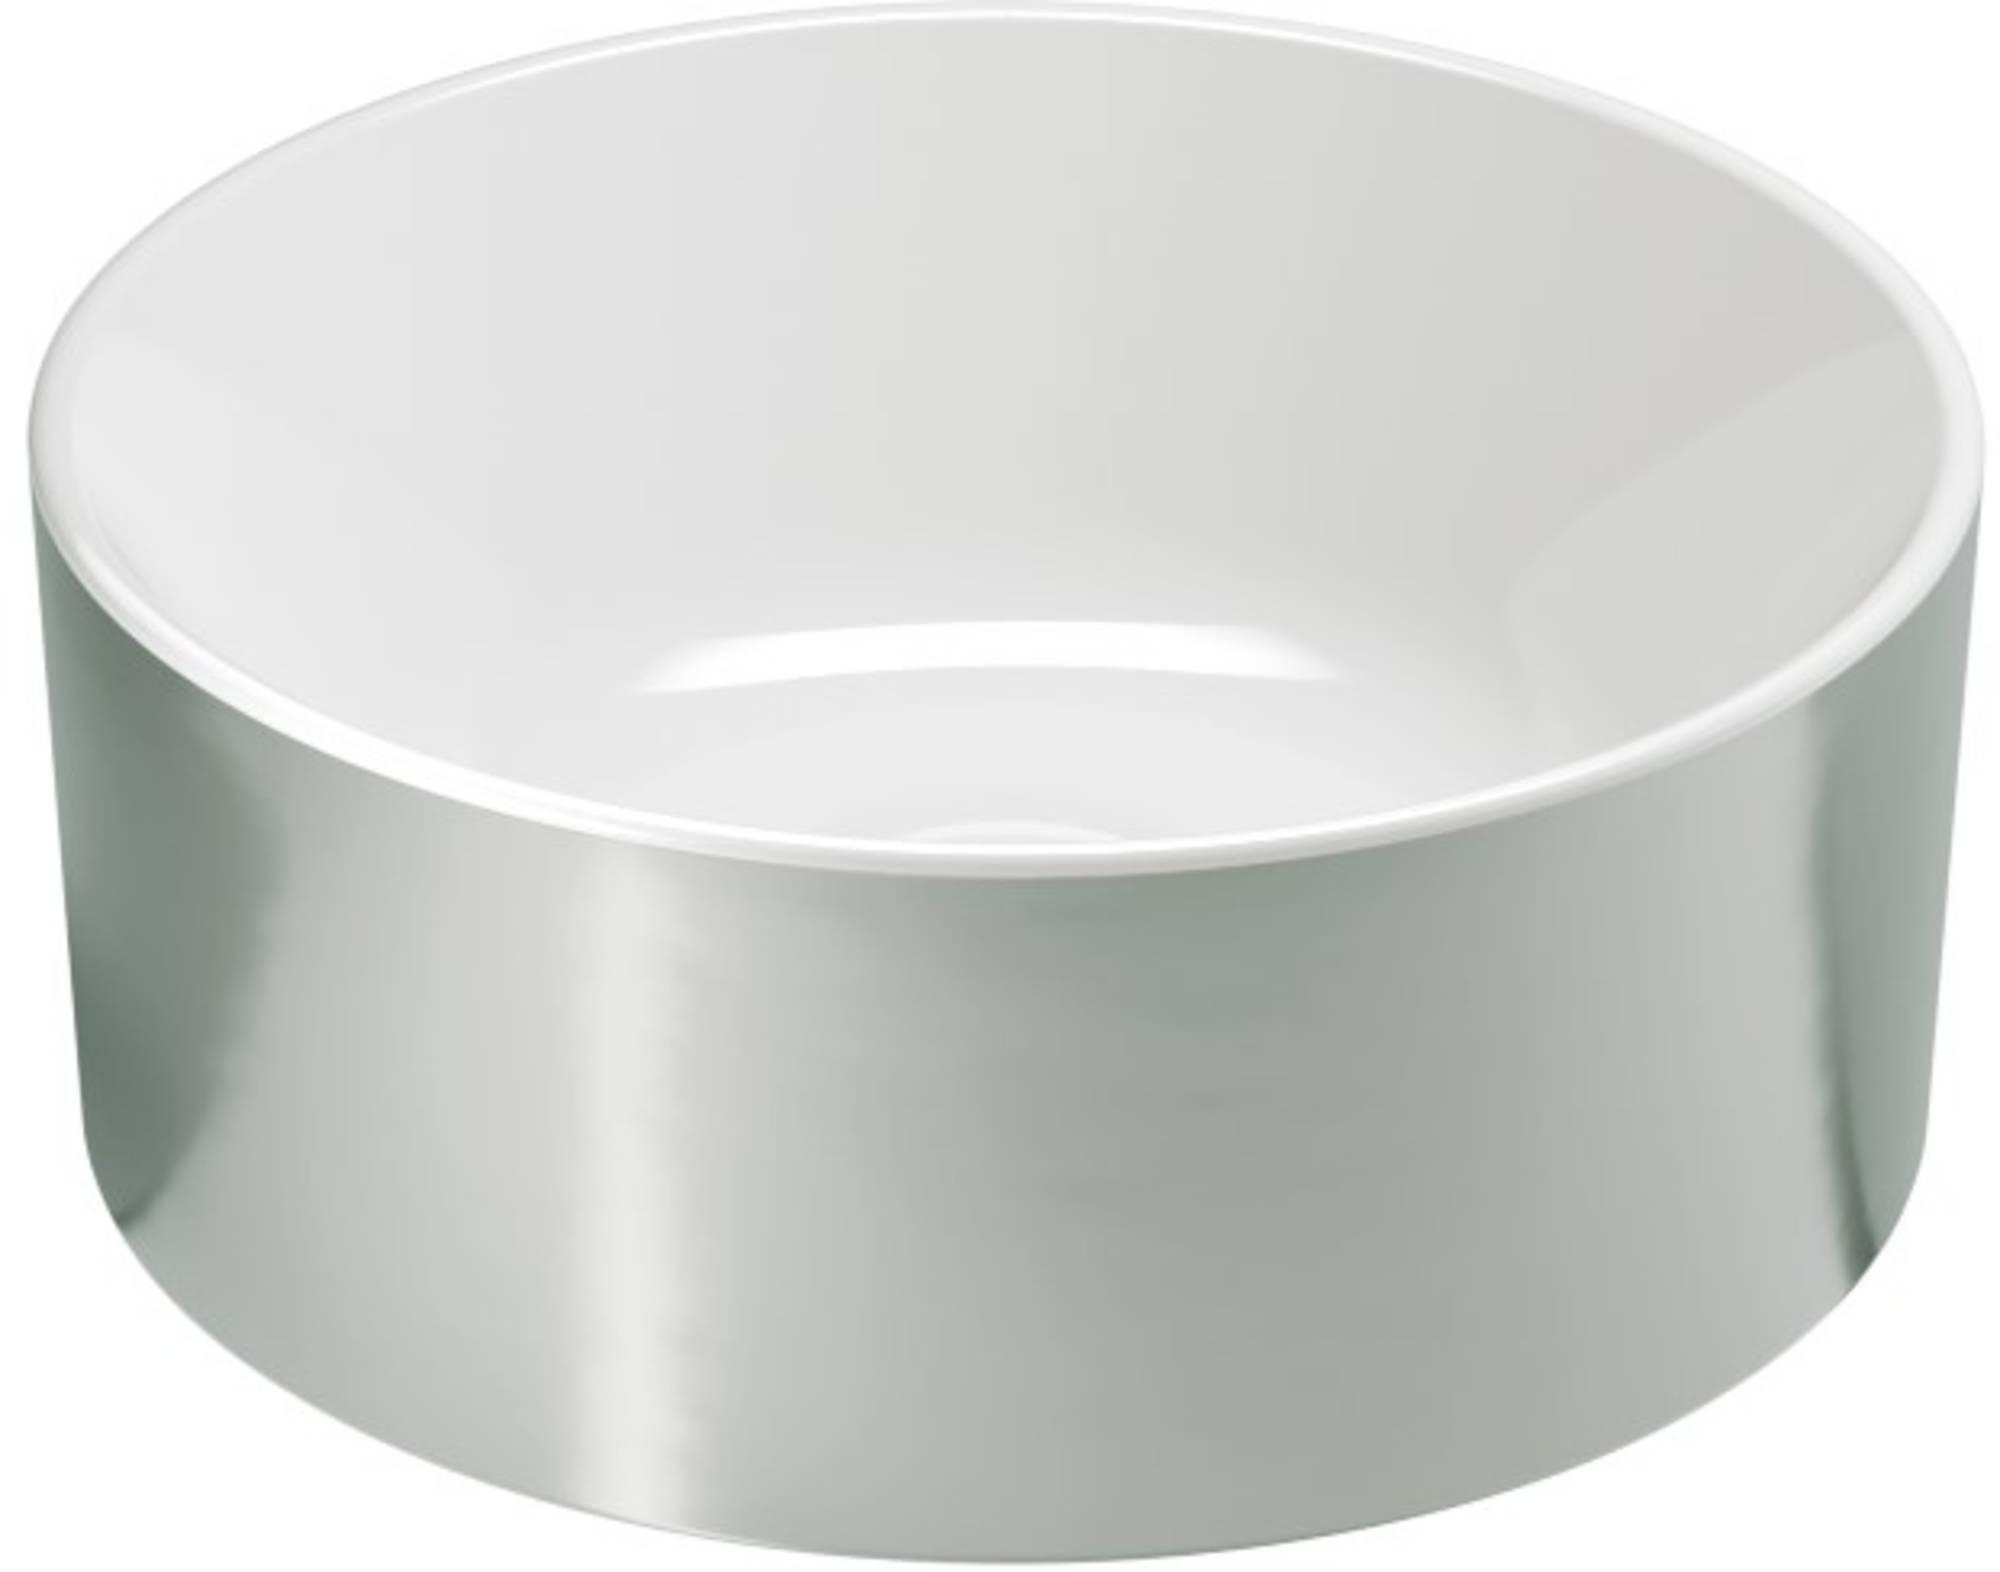 Ben Stelvio Opbouwwastafel Ø 32x12 cm Platinum/Glans Wit